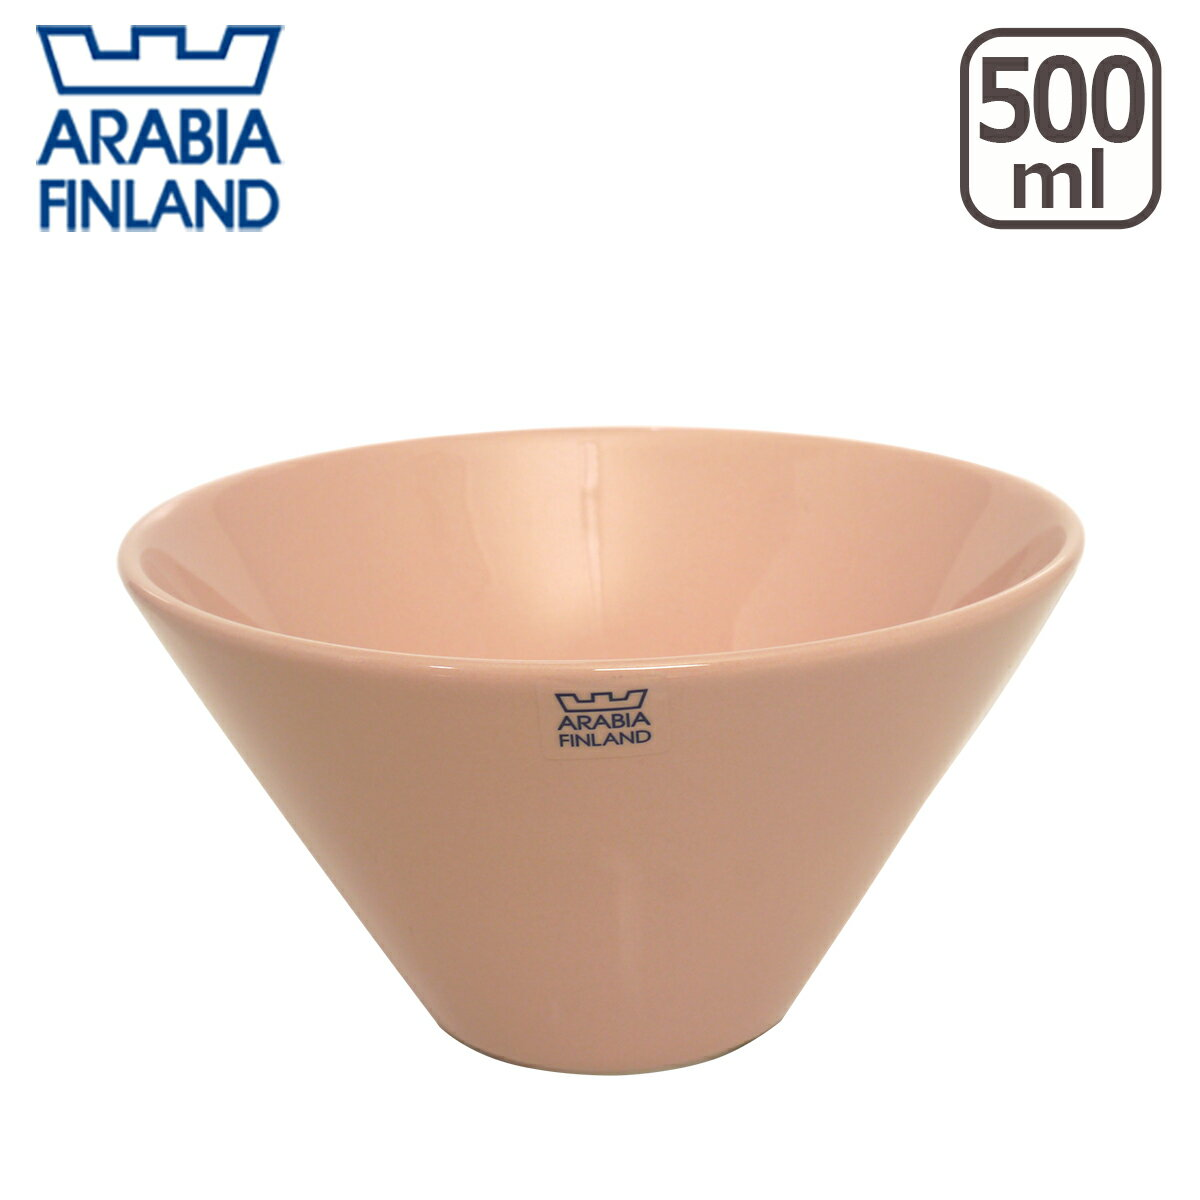 アラビア(Arabia) ココ(koko) ボウル 500ml ペールピンク 北欧 食器 ギフト・のし可 GF3